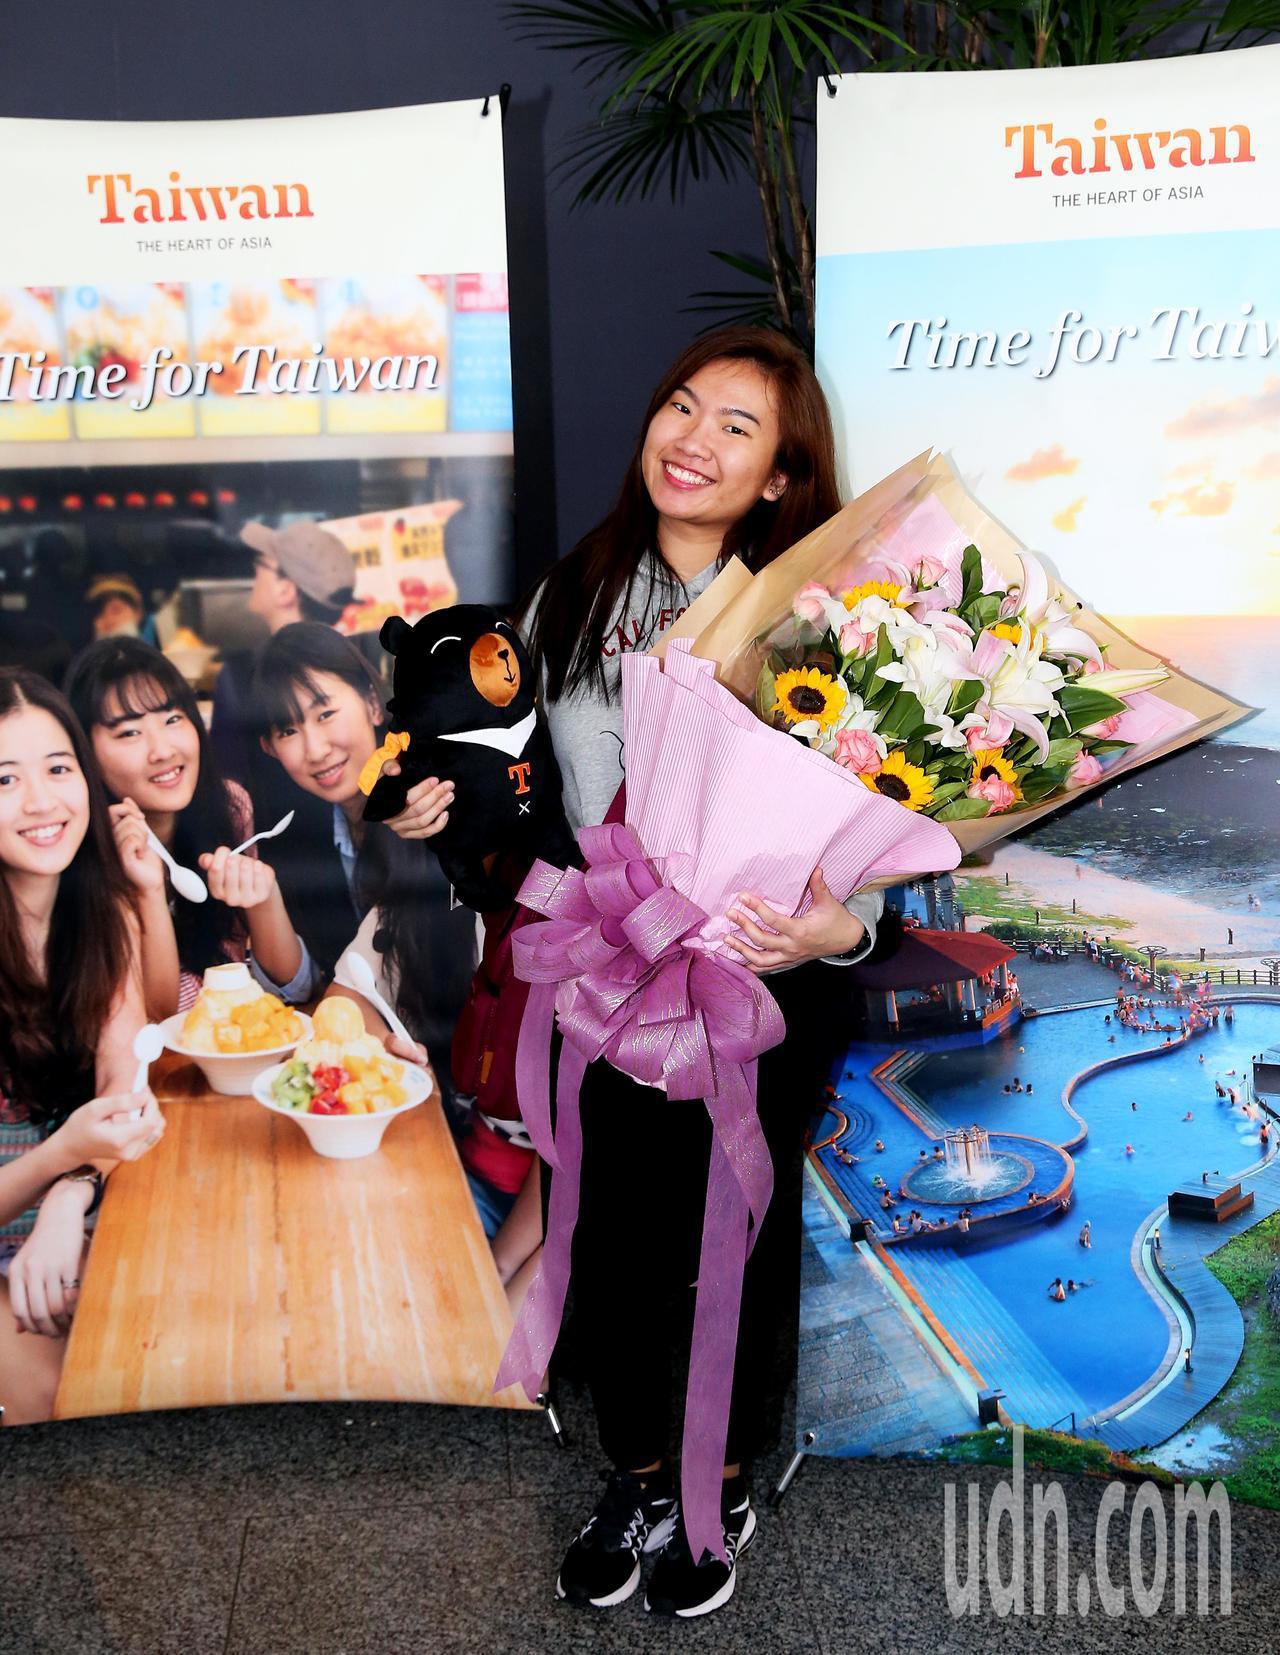 今年第1000萬名外籍來台旅客12日中午產生,來自新加坡的23歲女子陳珏甹(如圖...